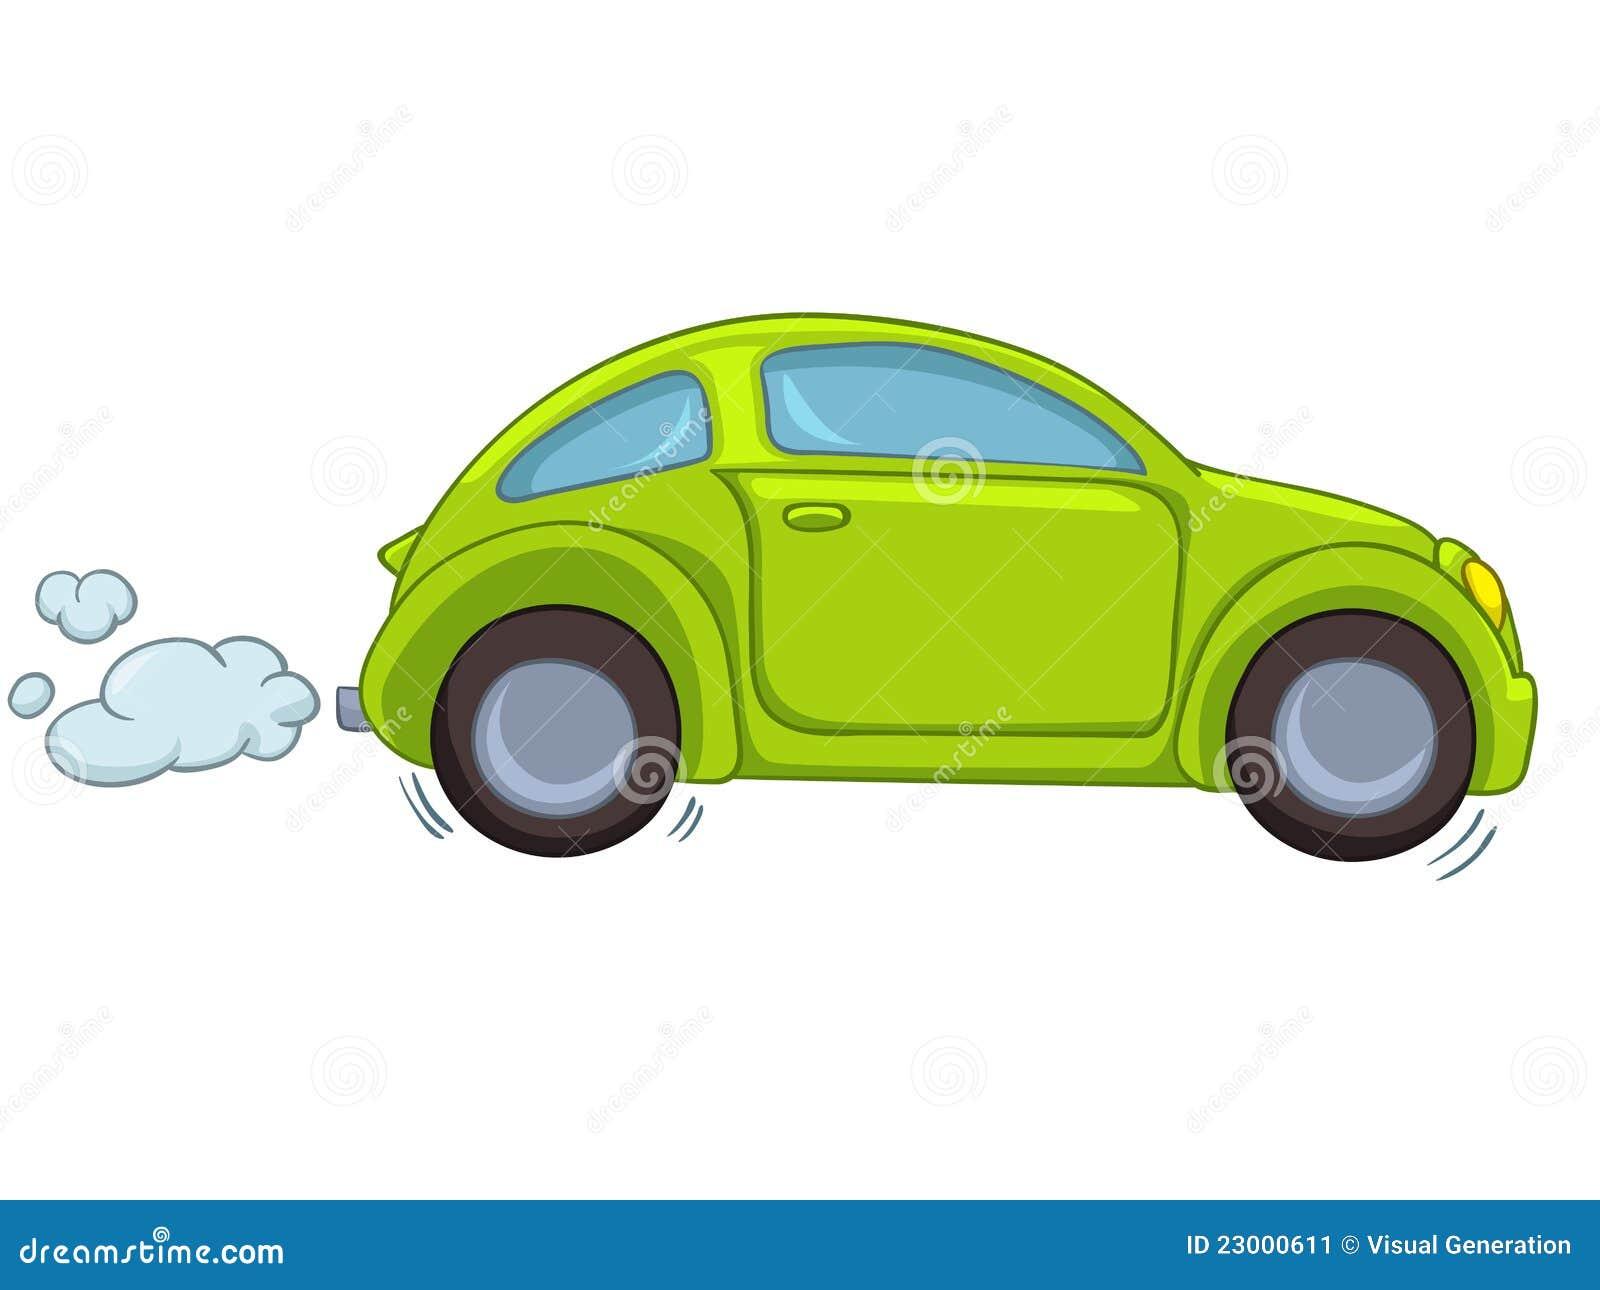 Cartoon Car Stock Image Image 23000611